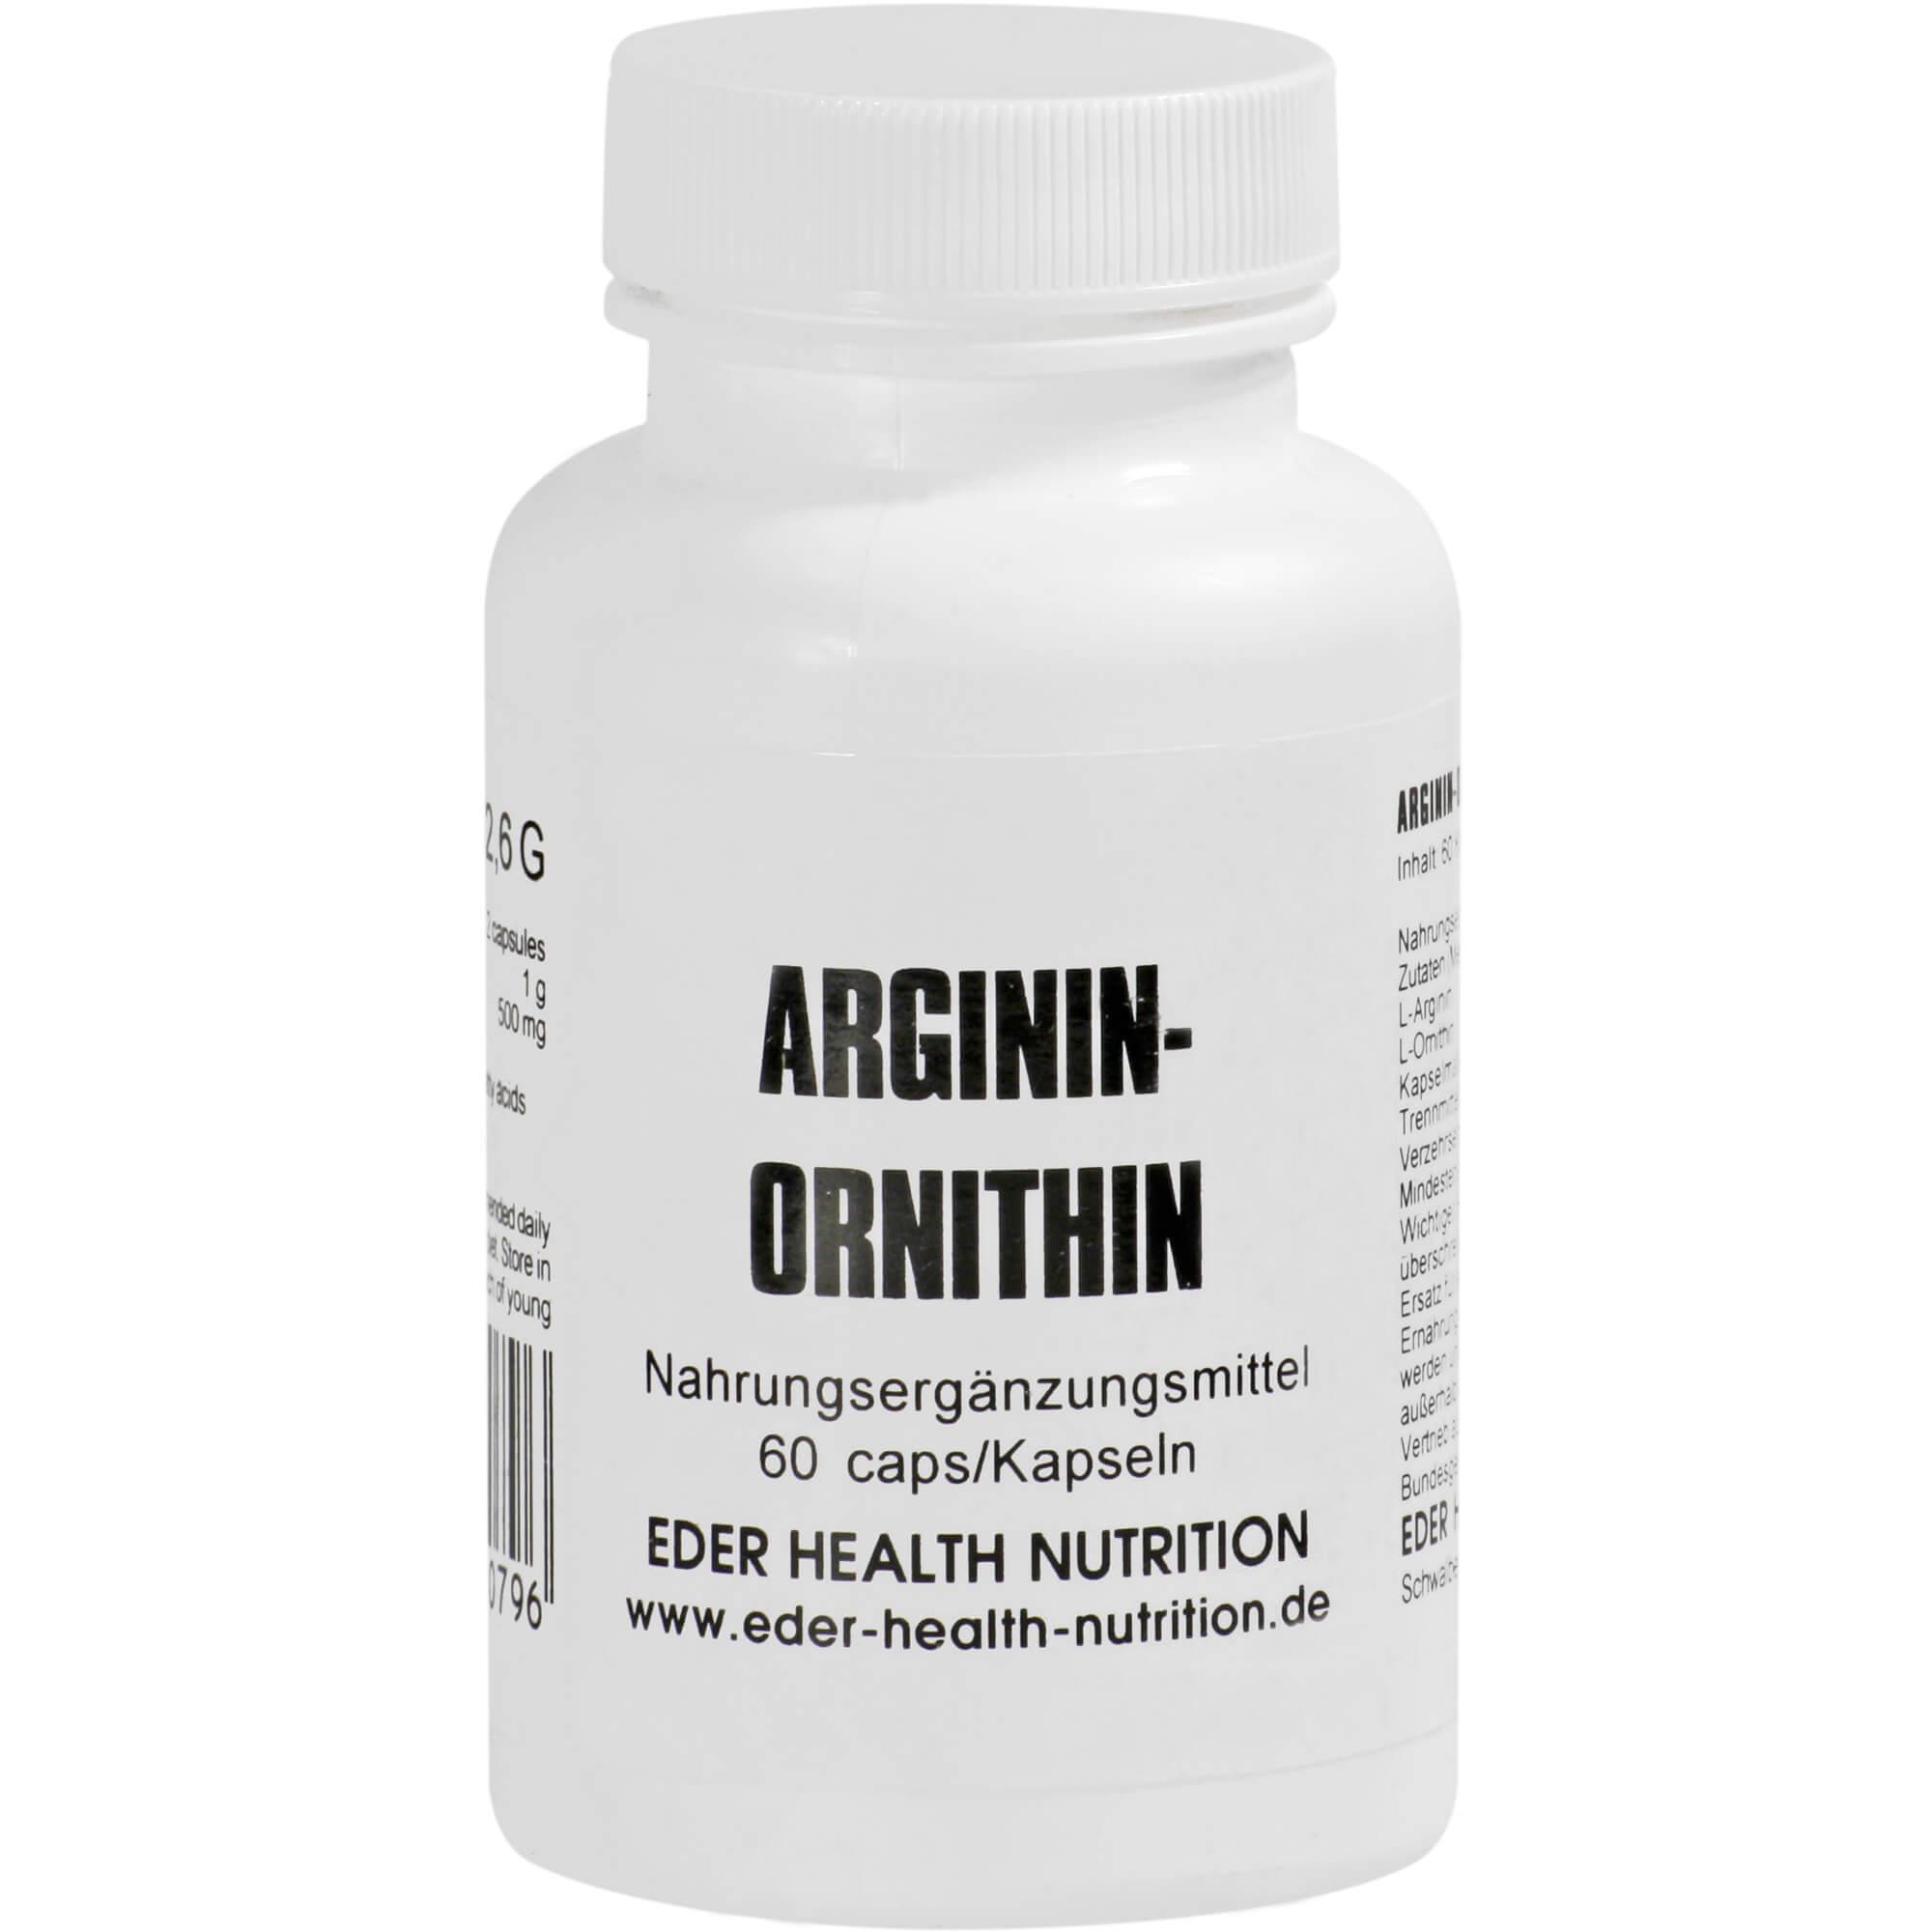 Arginin Orthinin